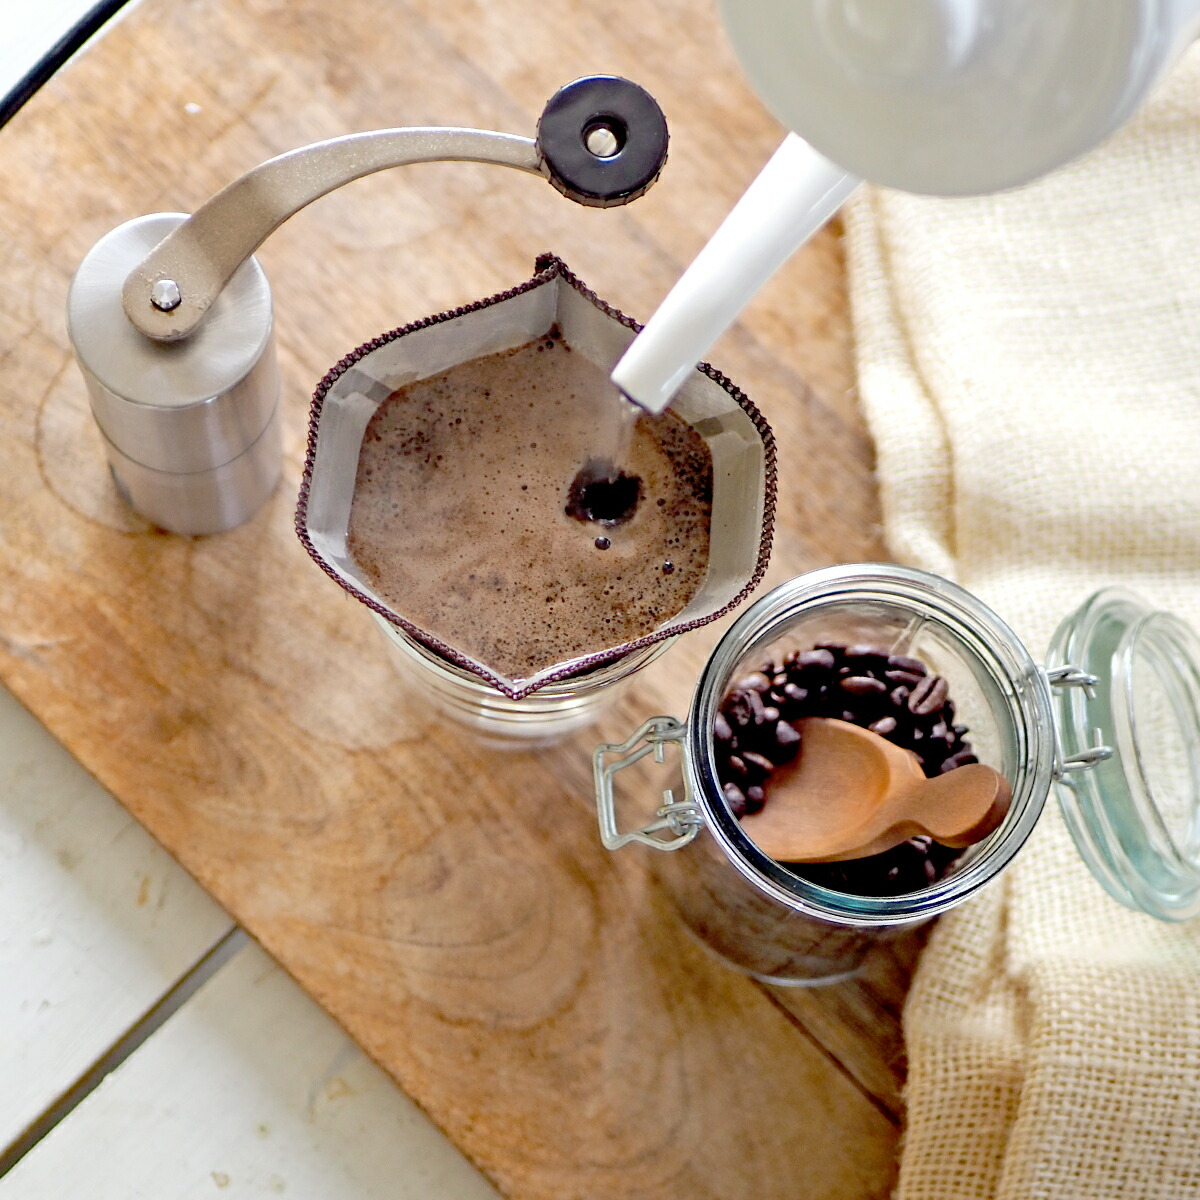 カフェイン0.00gののデカフェコーヒーを焙煎豆の状態でお届け。焙煎豆の挽きたての香りをお楽しみいただけます。